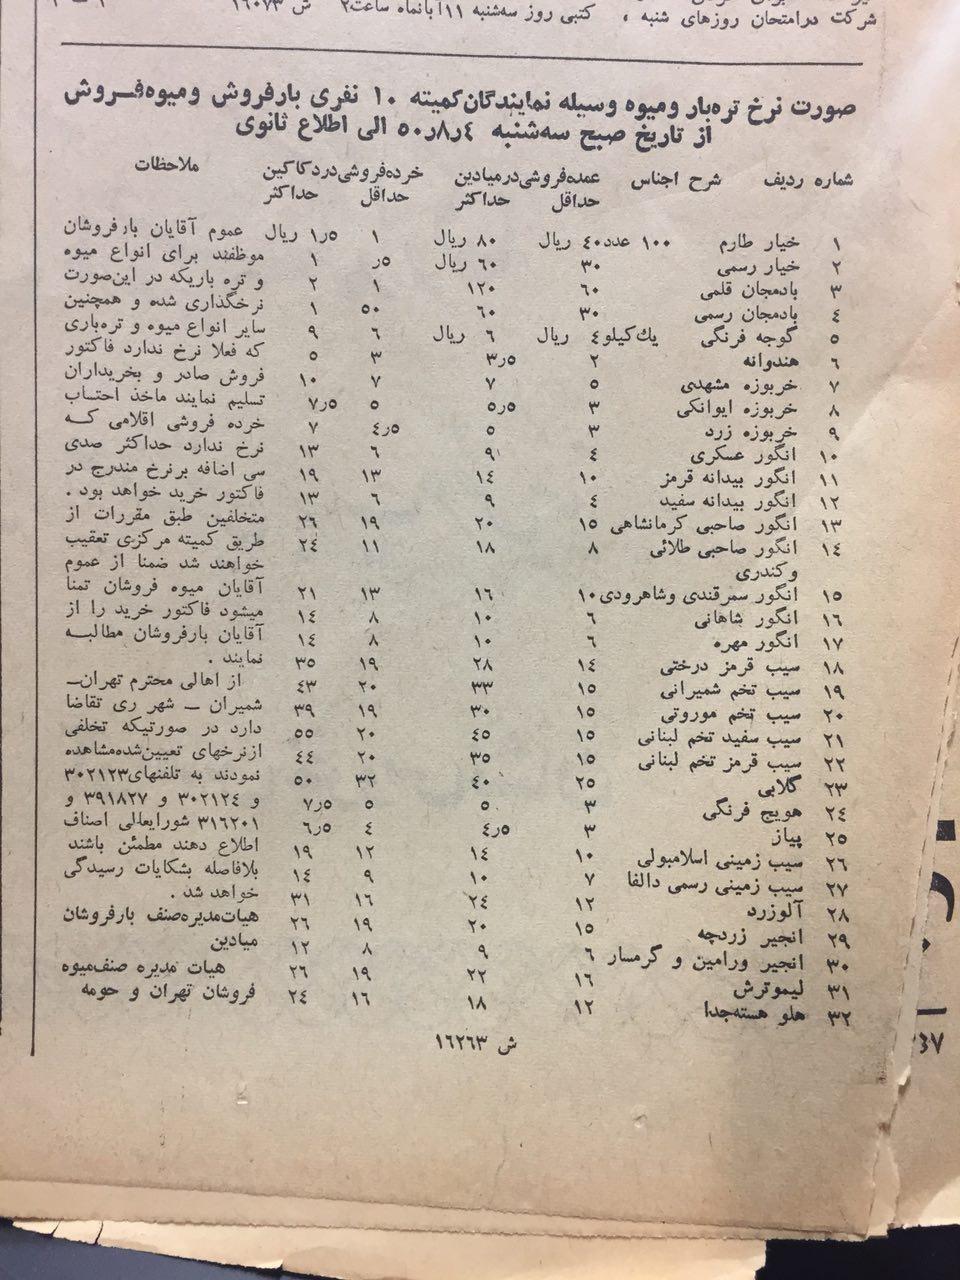 46 سال پیش قیمت انواع میوه چقدر بود؟